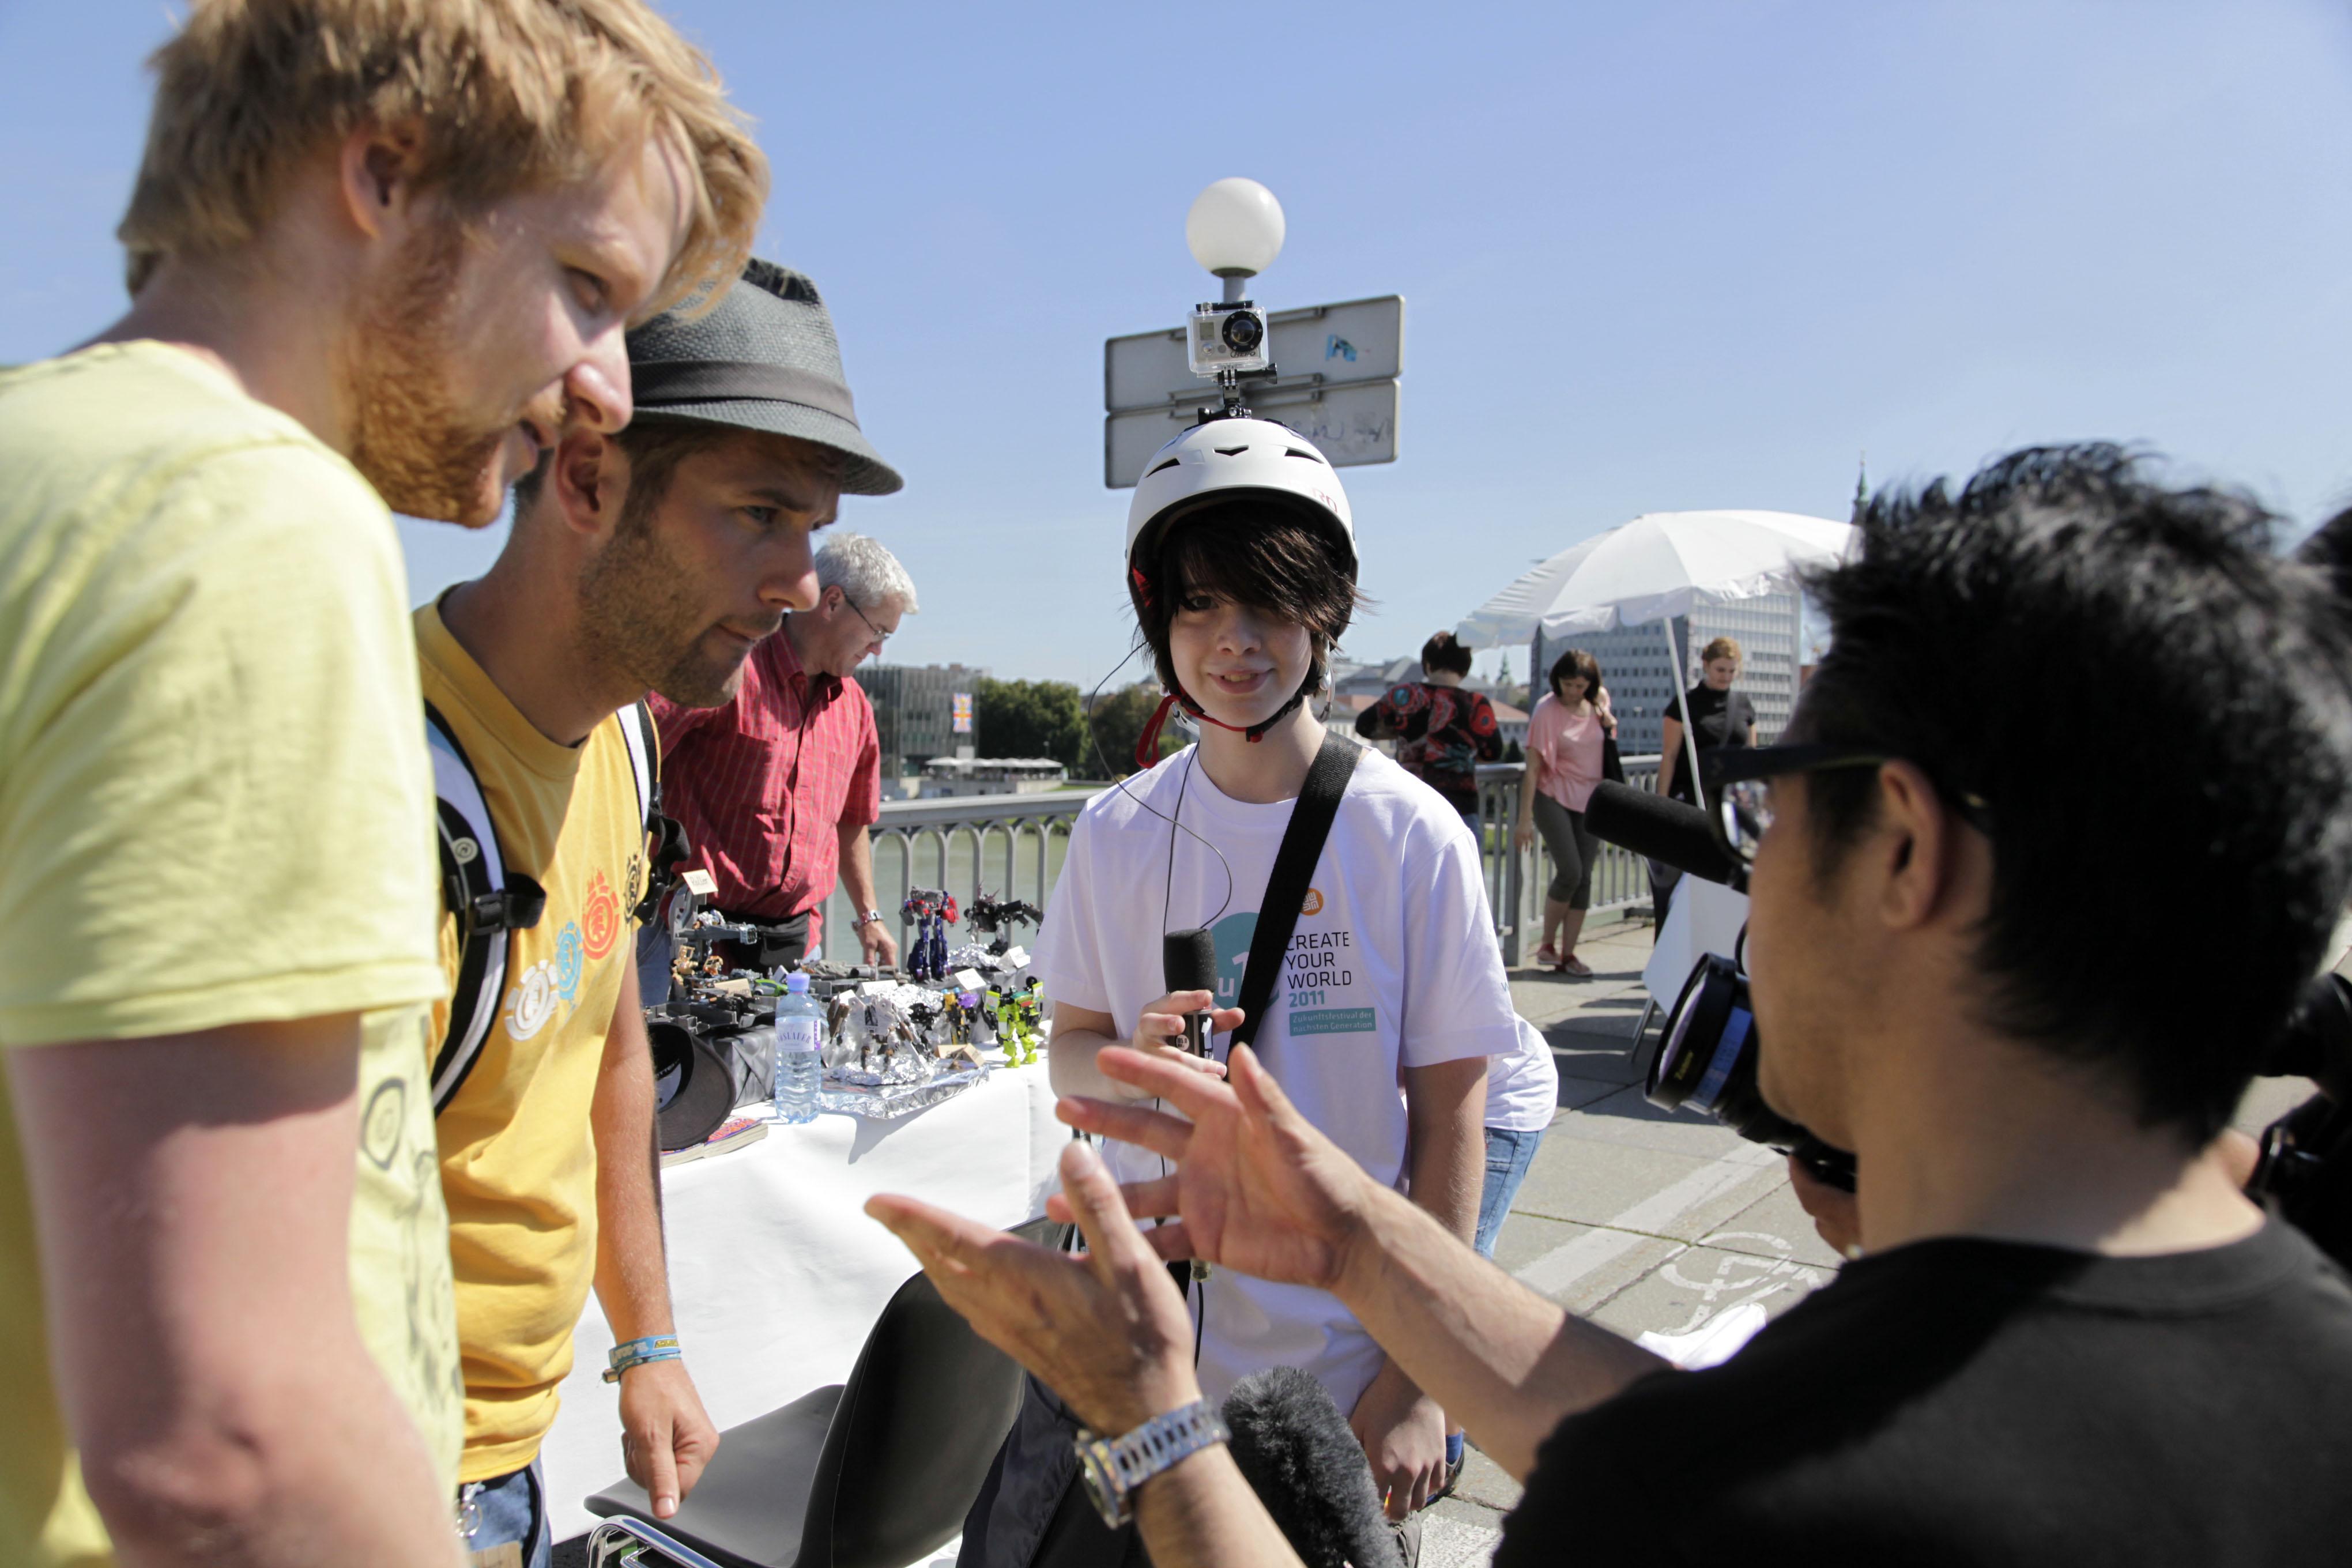 Ars Electronica 2011: SA, 03.09.: Marktplatz der Talente - KNOW-HOW FÜR MORGEN. Foto: rubra